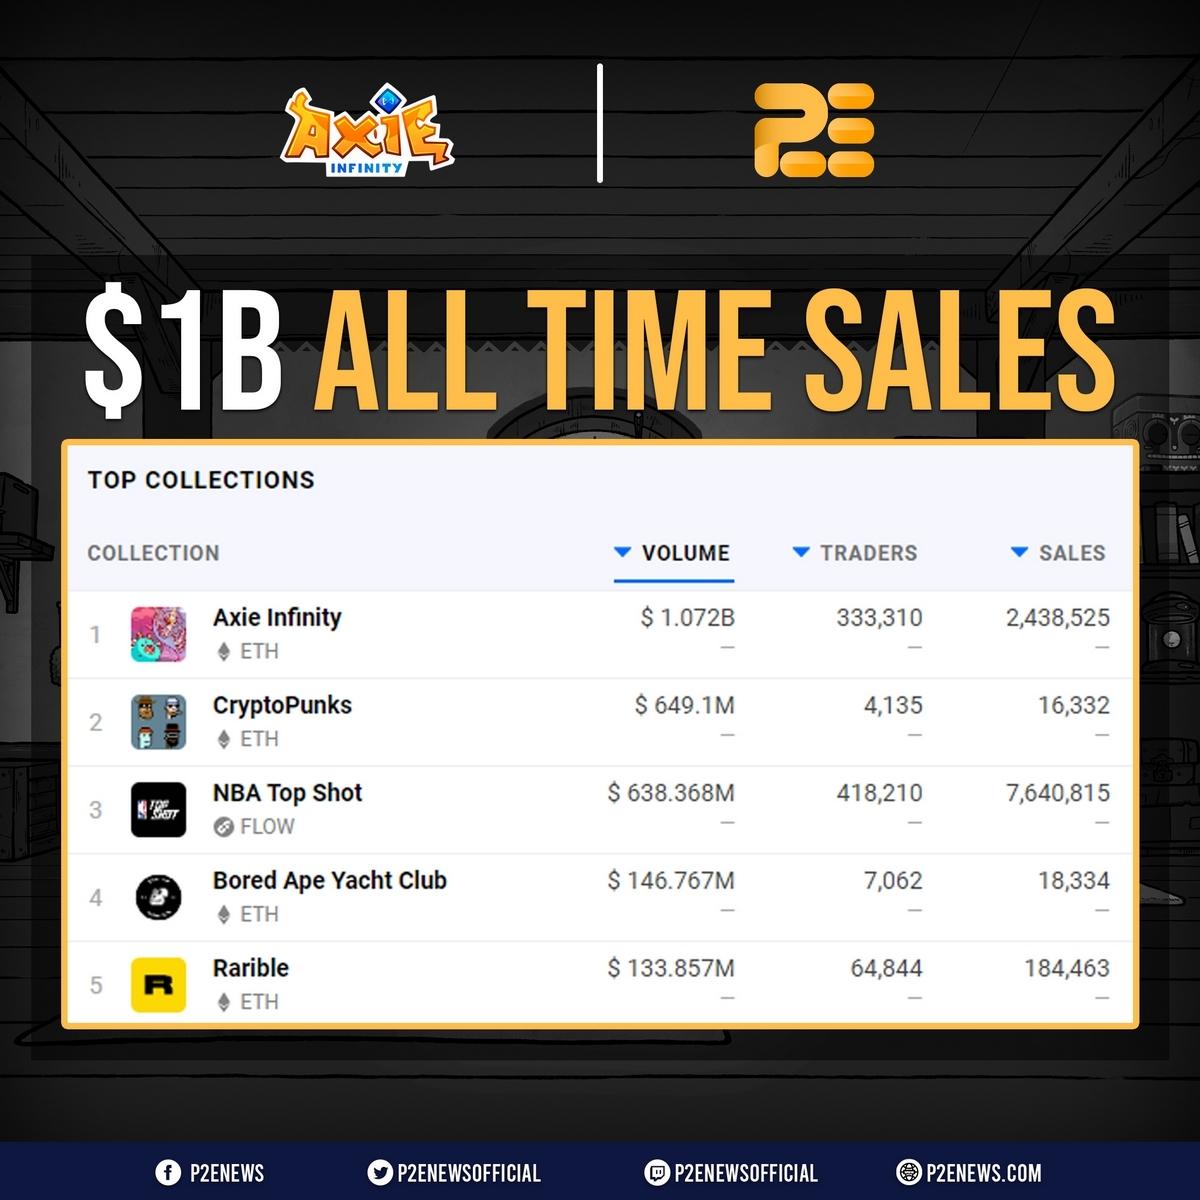 Axie Infinity có 1 triệu người chơi, đạt doanh số 1 tỷ USD